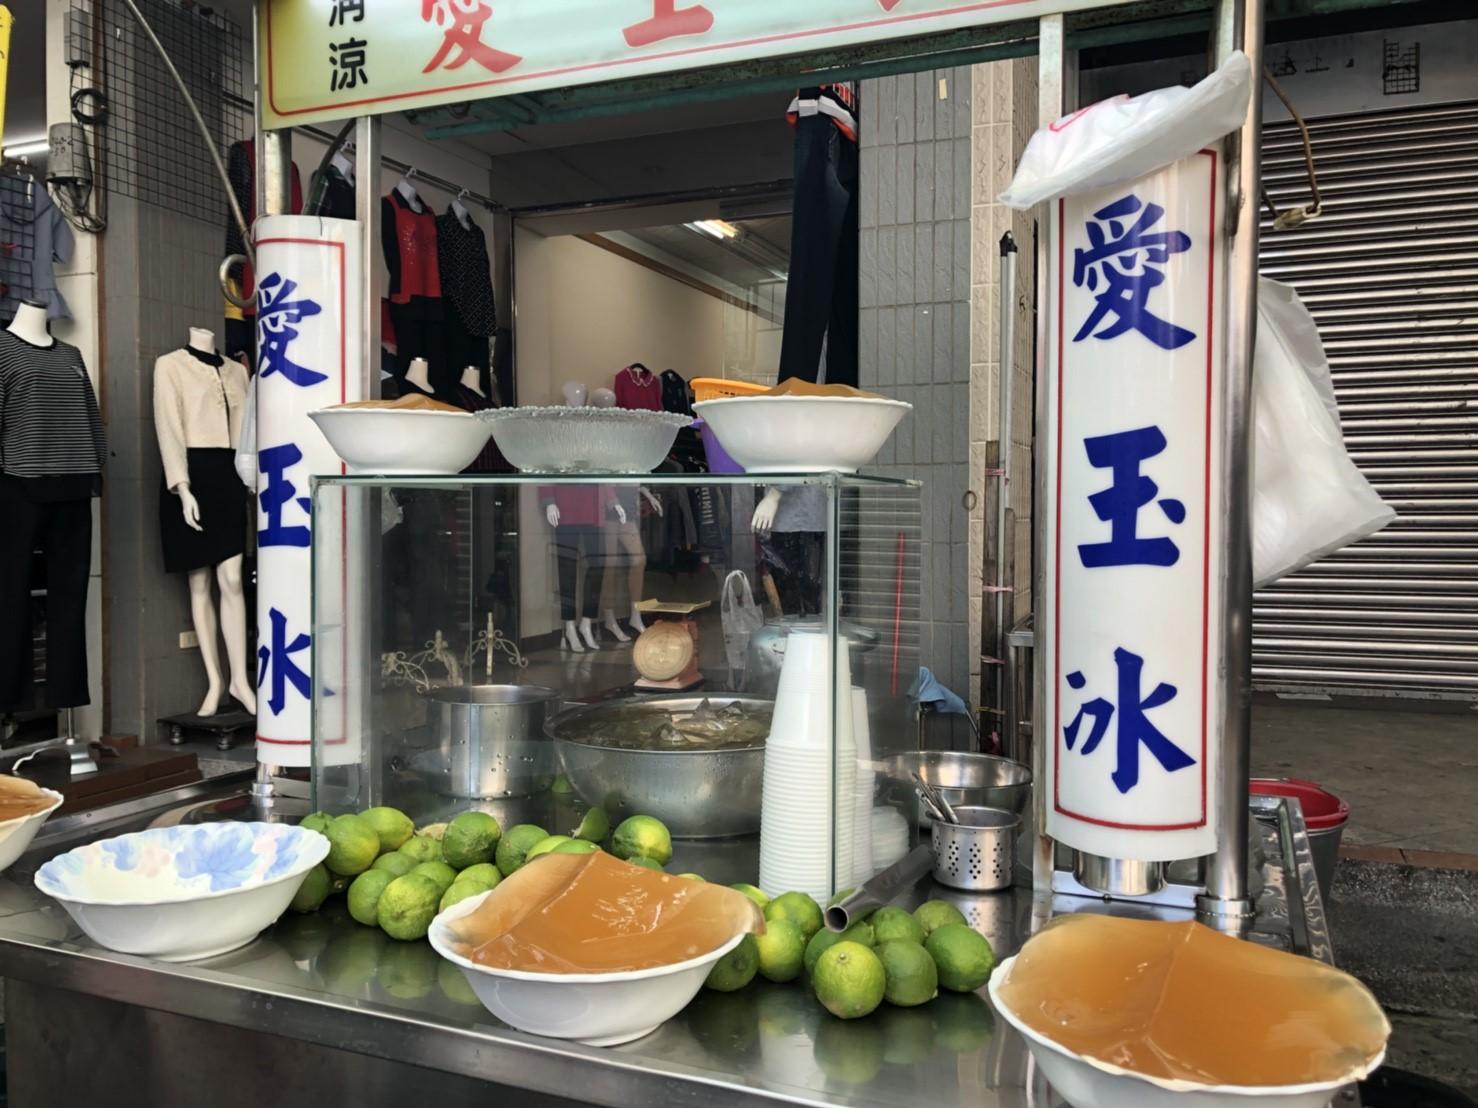 【台湾】友人が来たら必ず案内する愛玉のお店『清涼愛玉冰』@高雄